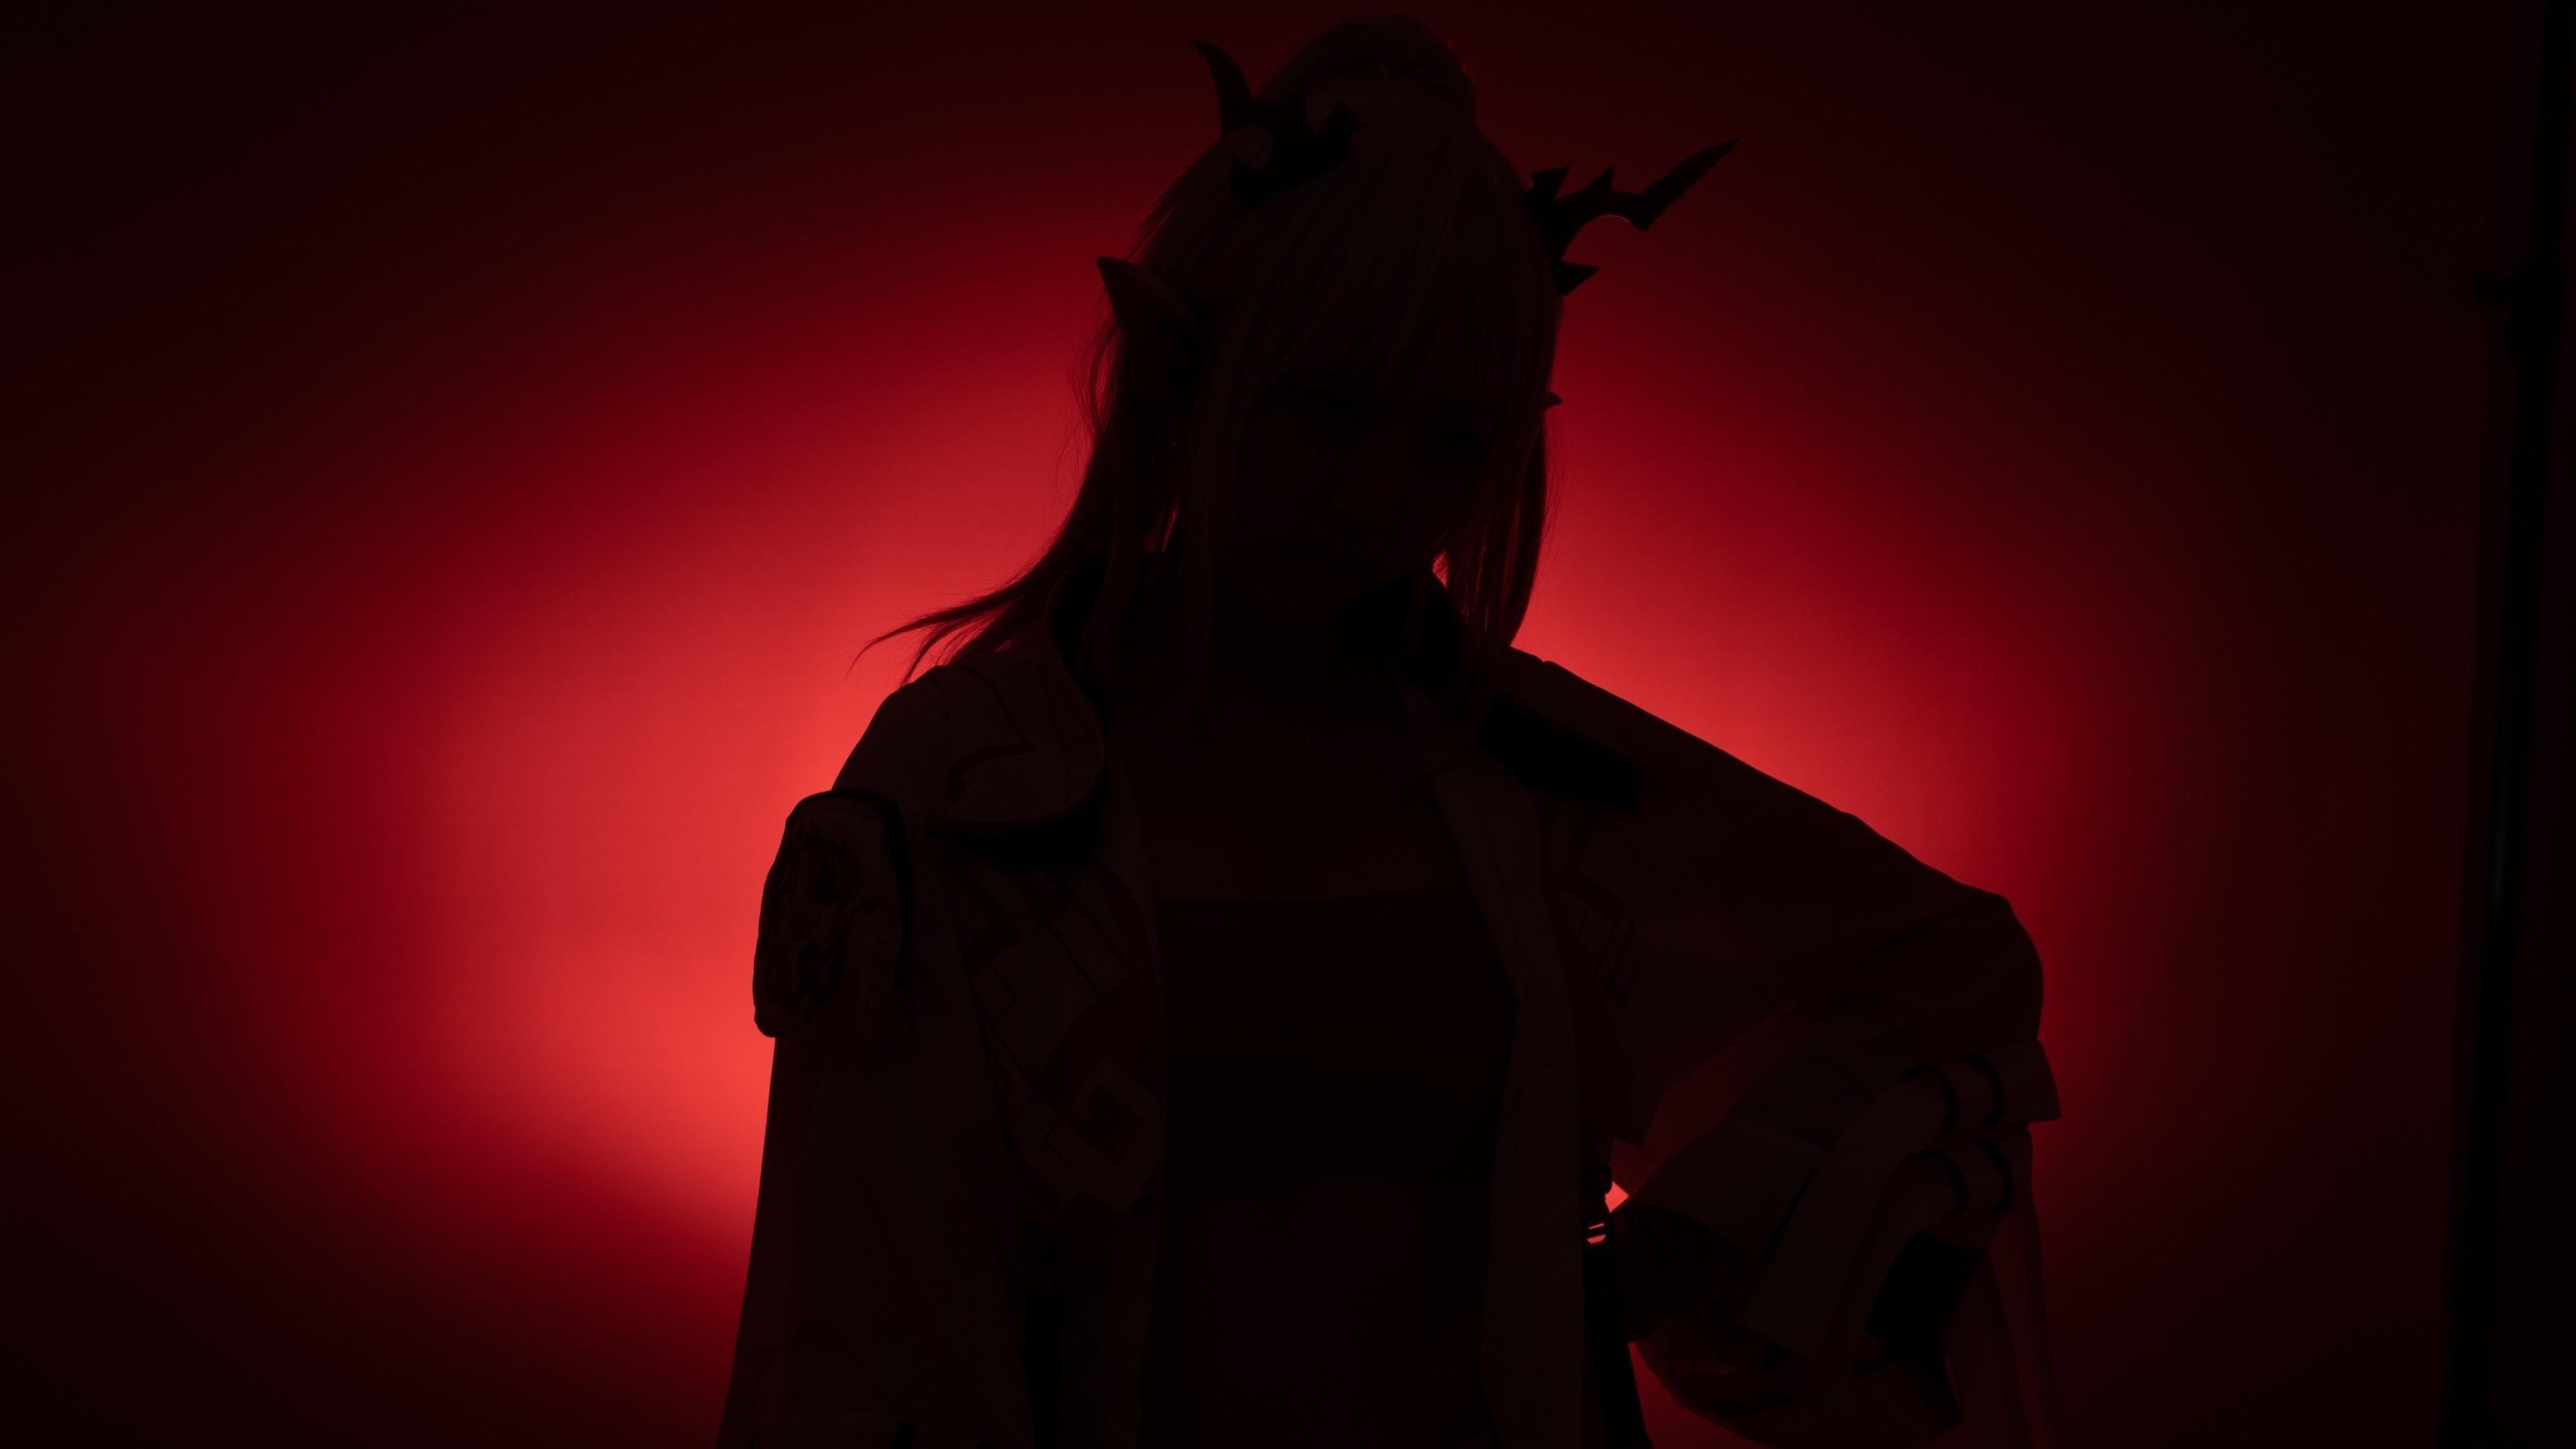 《明日方舟》正片cosplay【CN:NANCO-】-第11张